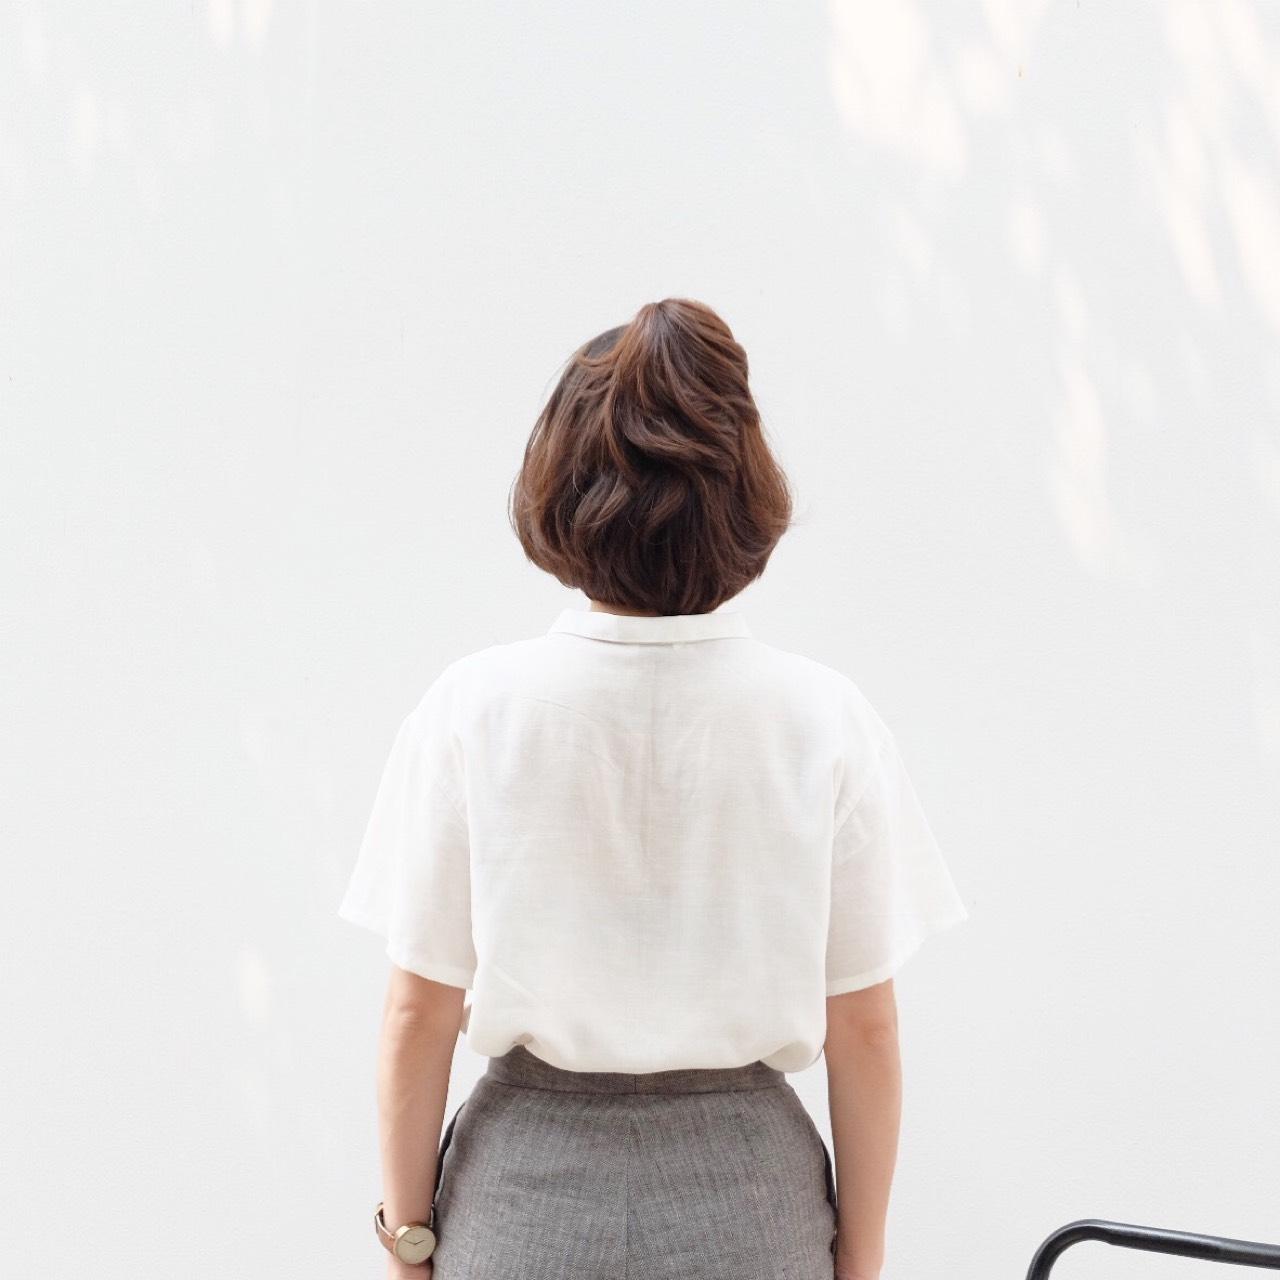 katji,เสื้อเชิ้ต,เสื้อเชิ้ตแขนสั้น,เสื้อเชิ้ตสีขาว,เสื้อสีขาว,เสื้อเชิ้ตผู้หญิง,เสื้อผู้หญิง,ผู้หญิง